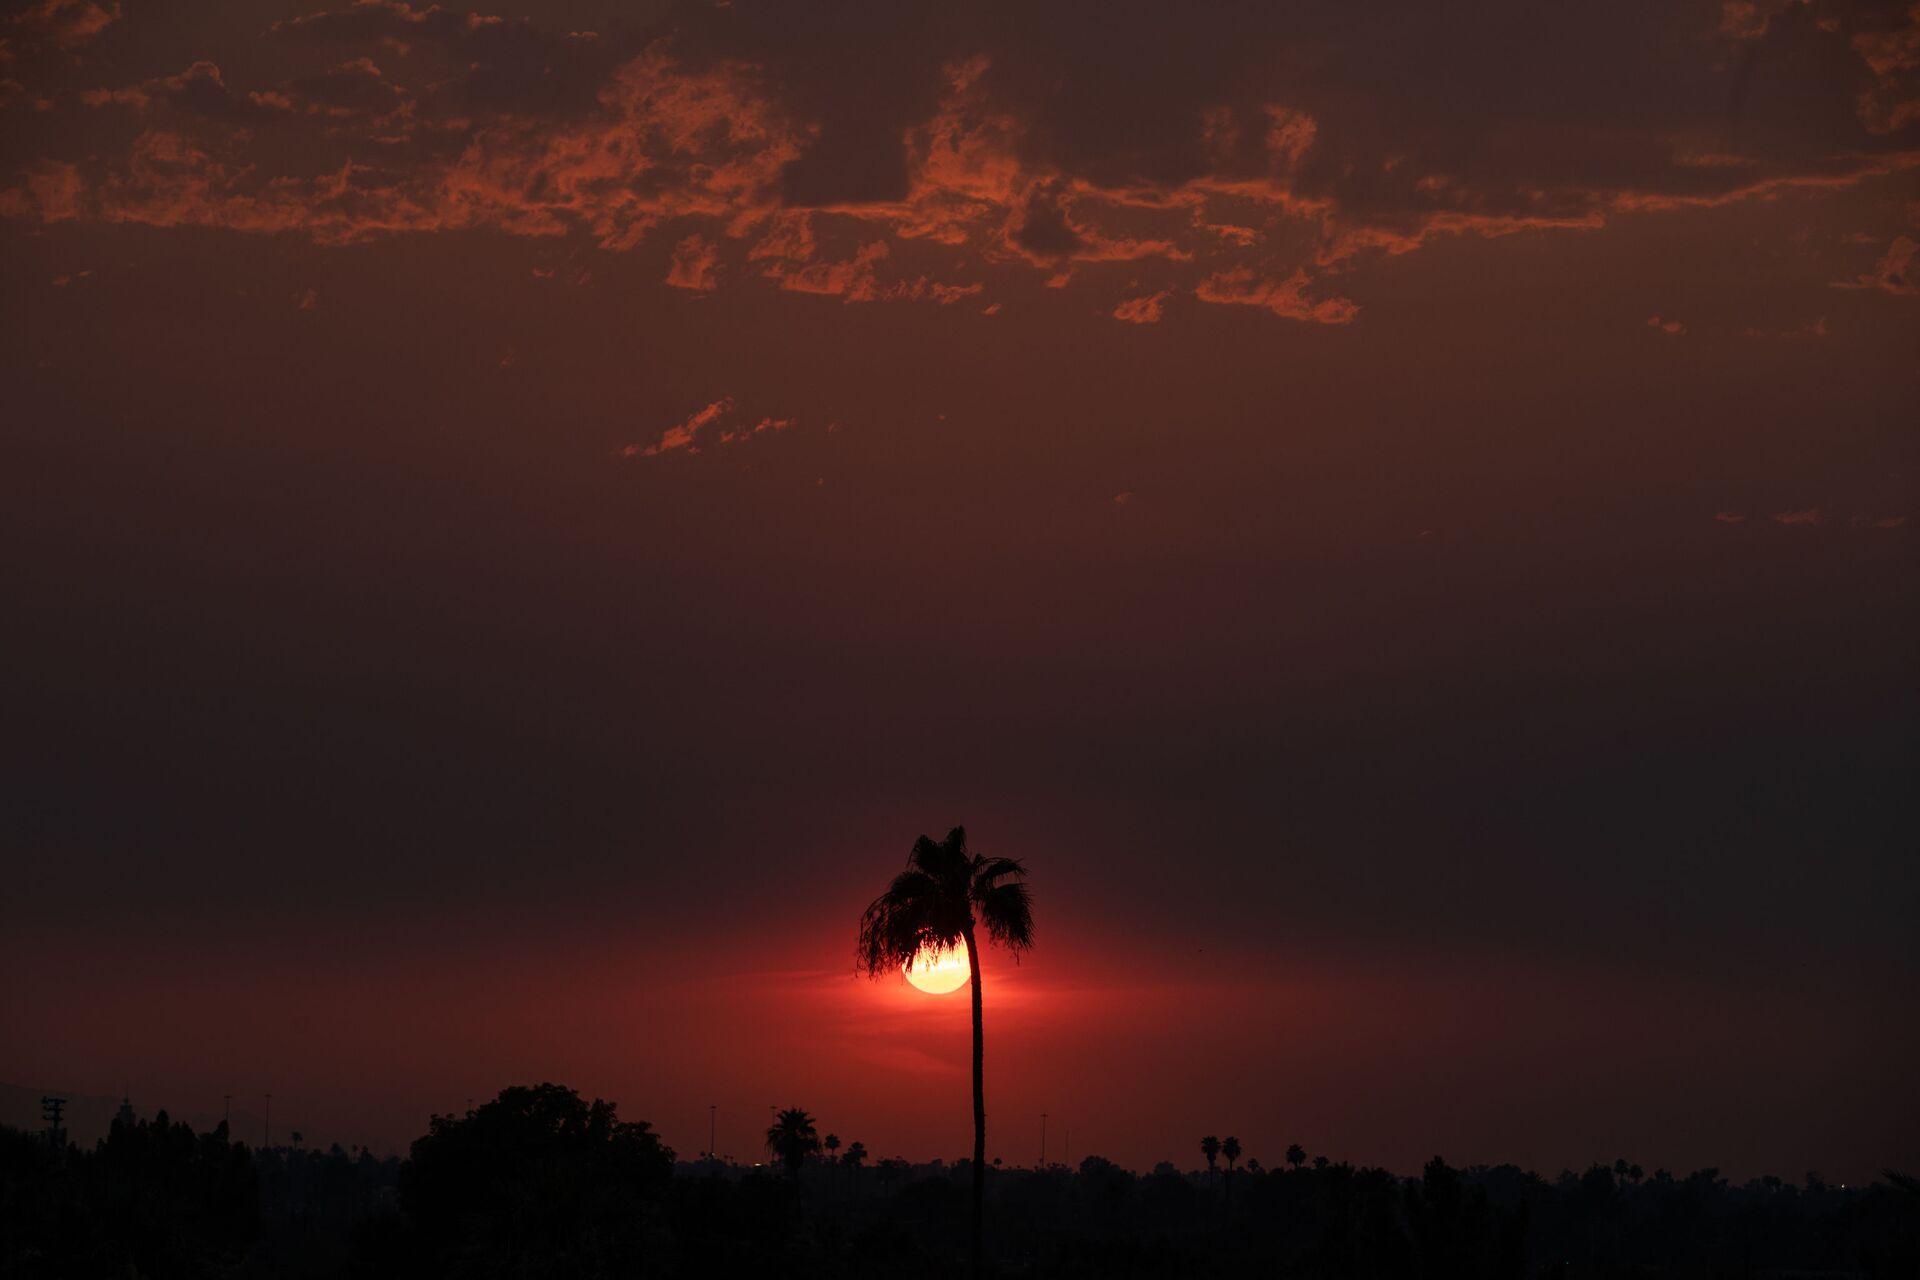 Закат в штате Аризона  - Sputnik Грузия, 1920, 30.09.2021